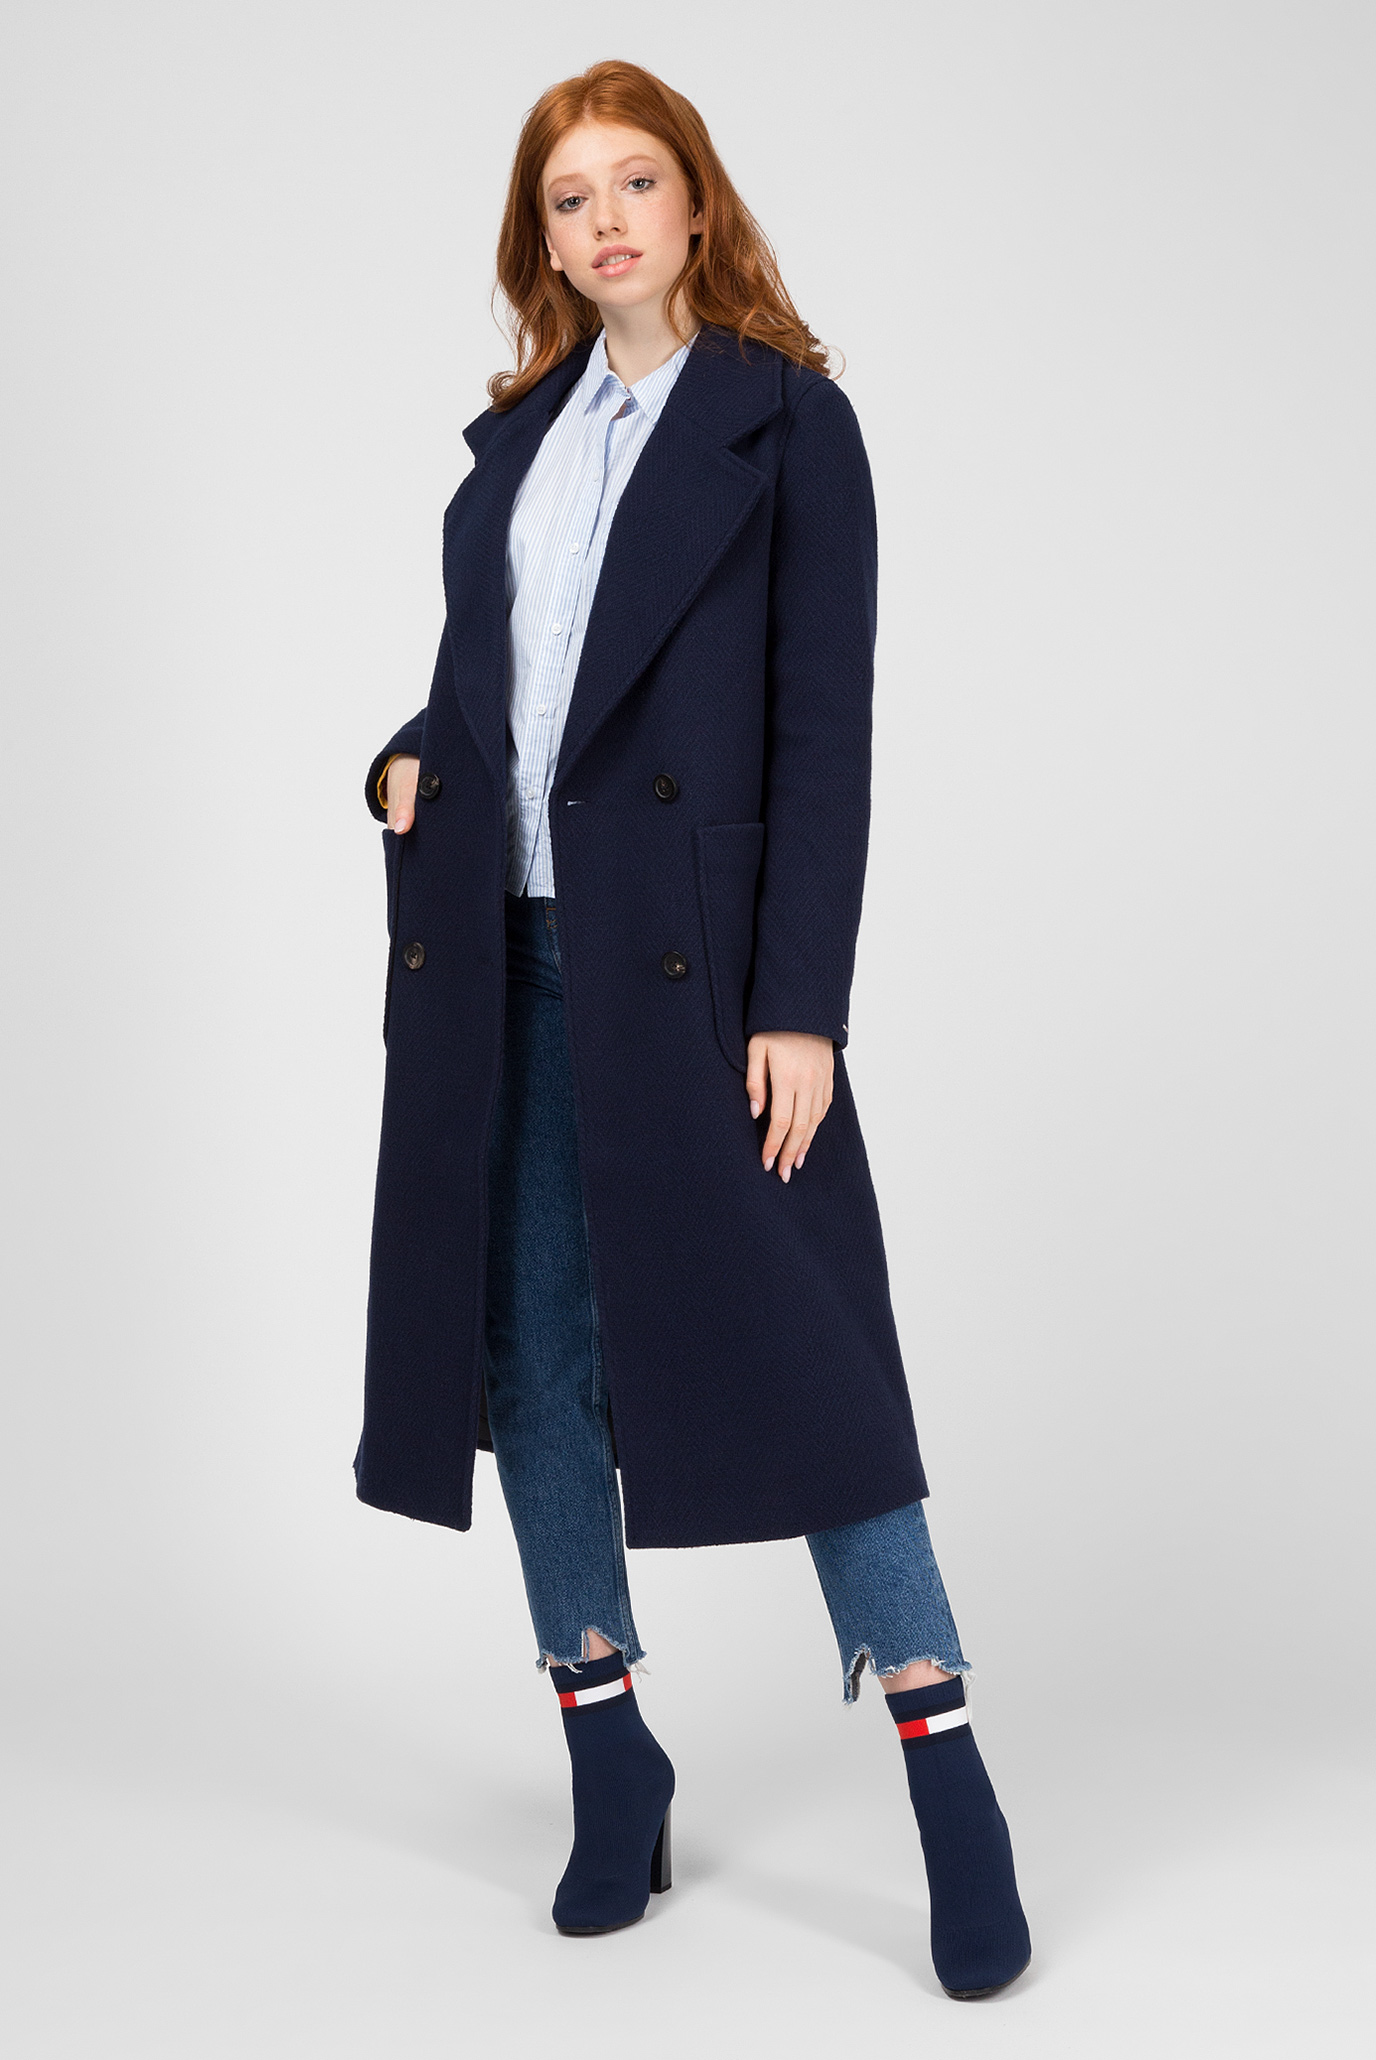 Купить Женское темно-синее пальто Tommy Hilfiger Tommy Hilfiger DW0DW05179 – Киев, Украина. Цены в интернет магазине MD Fashion